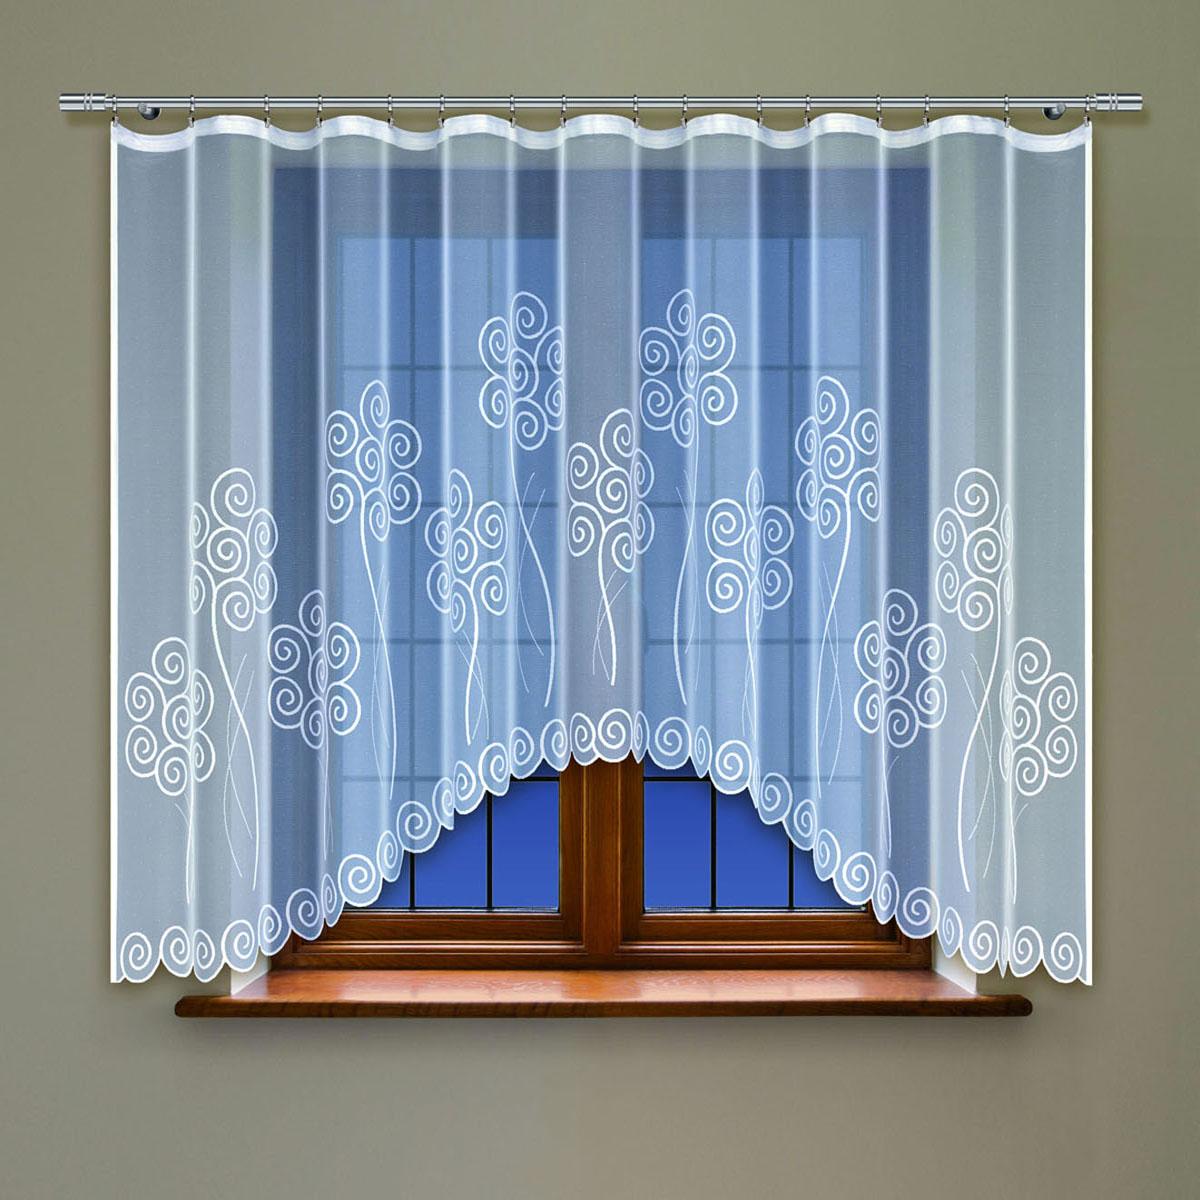 Гардина Haft, цвет: белый, ширина 300 см, высота 160 см. 214150/16088872Жаккардовая гардина-арка белого цвета Размеры: высота 160см * ширина 300см